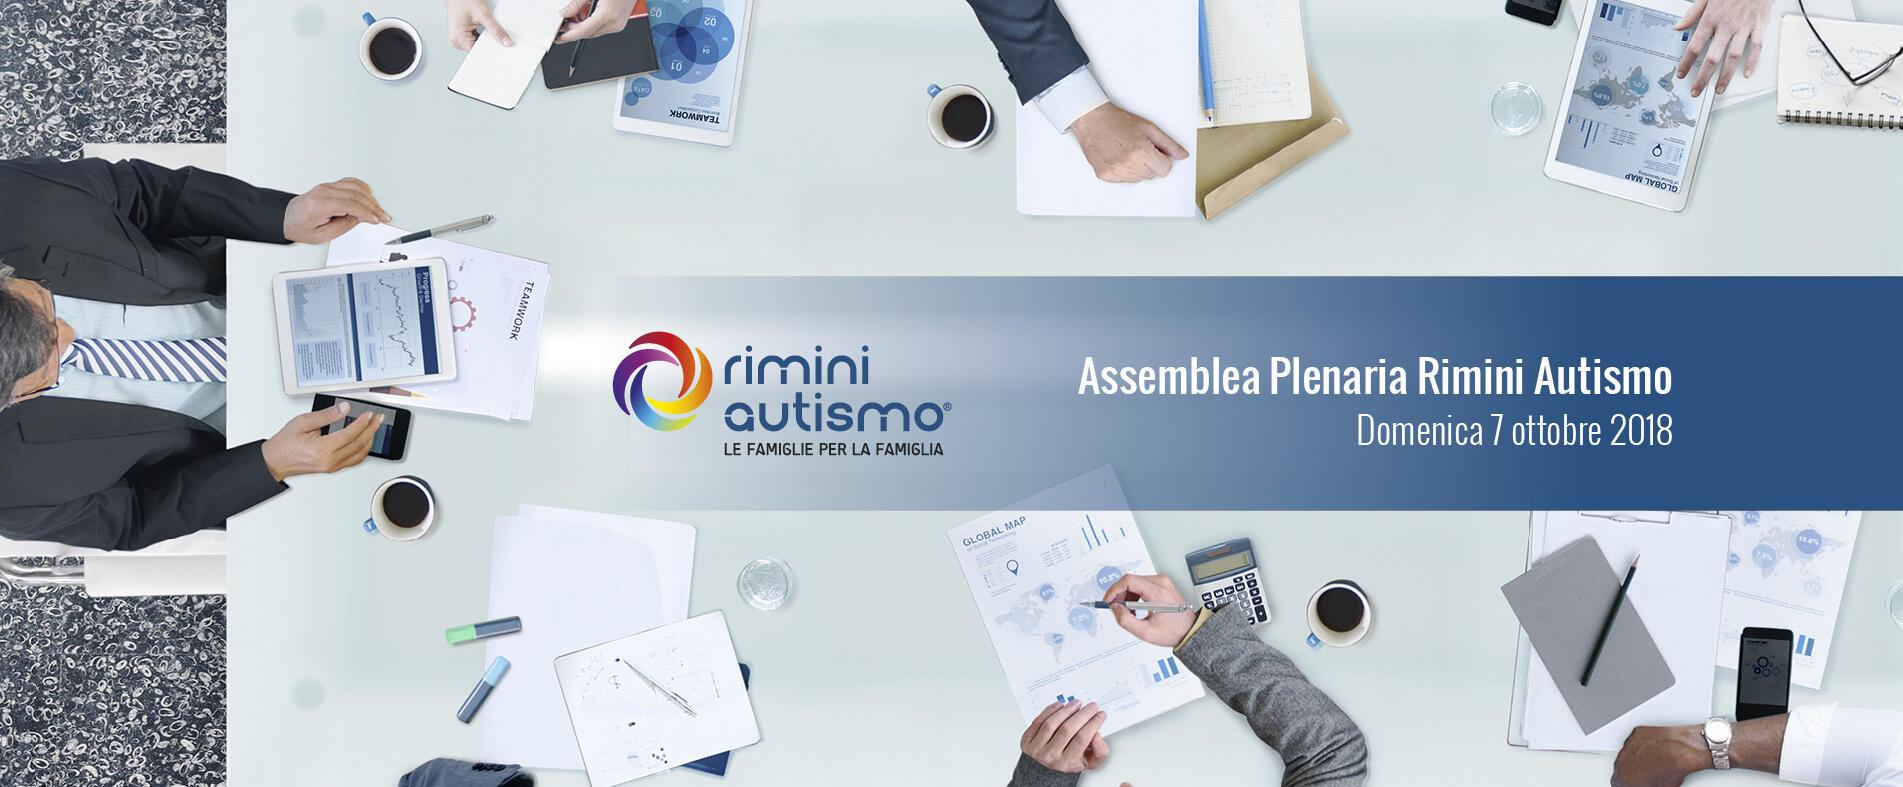 Assemblea Plenaria Rimini Autismo nuovo consiglio direttivo